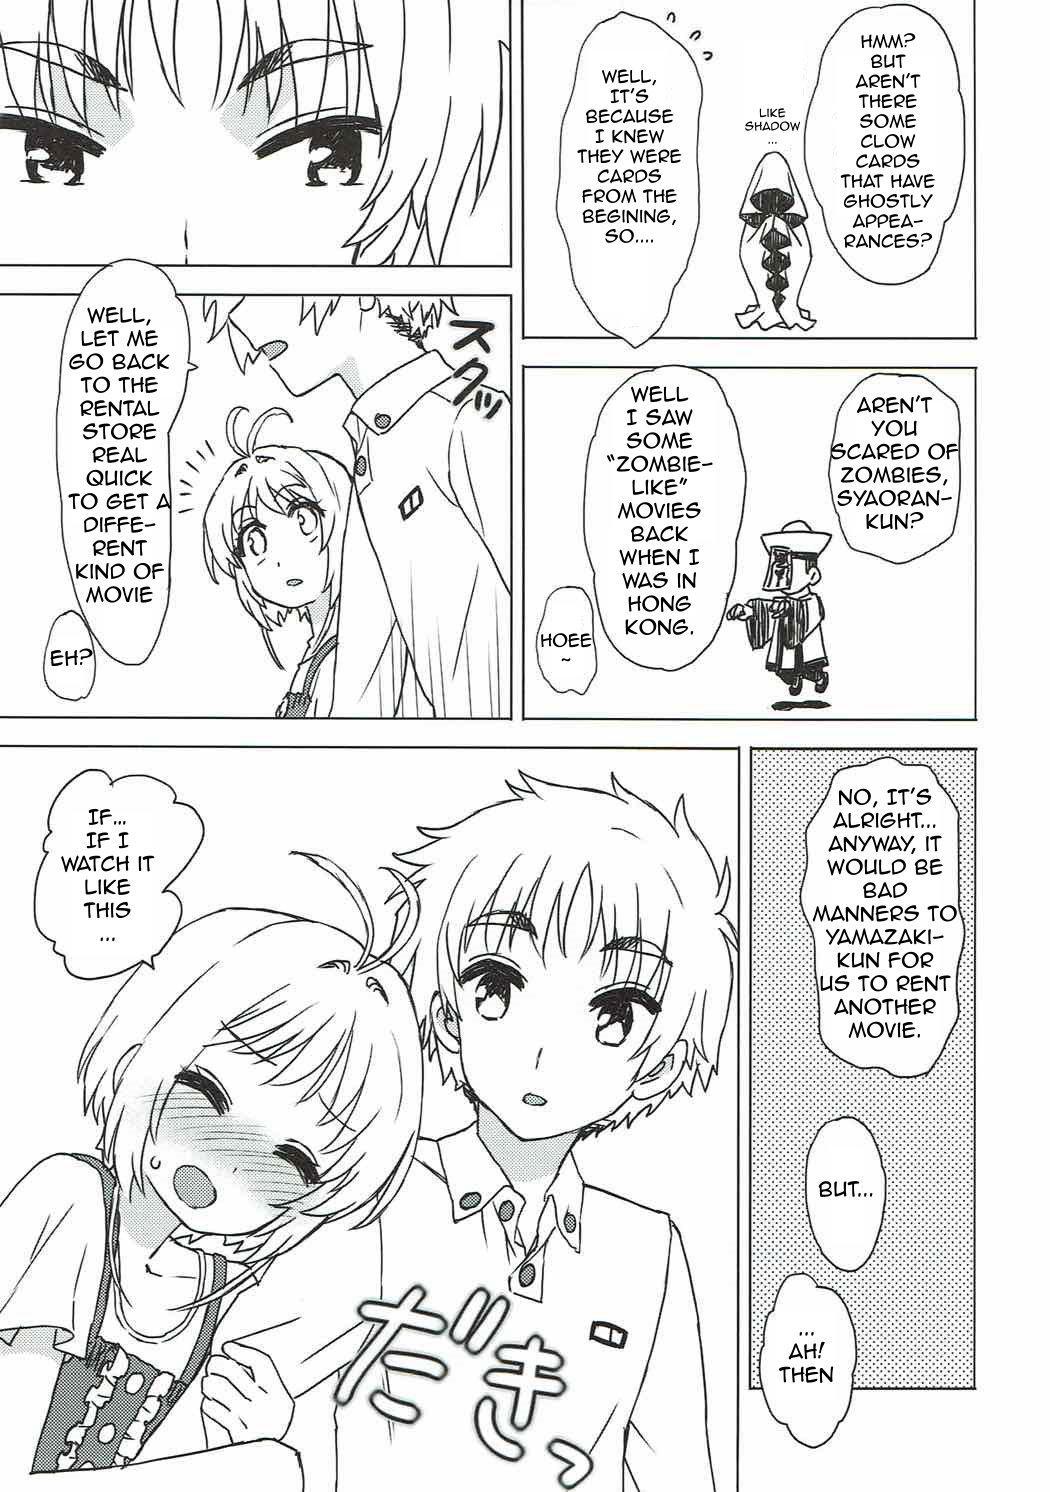 Sakura to Syaoran to Warm Bodies 8